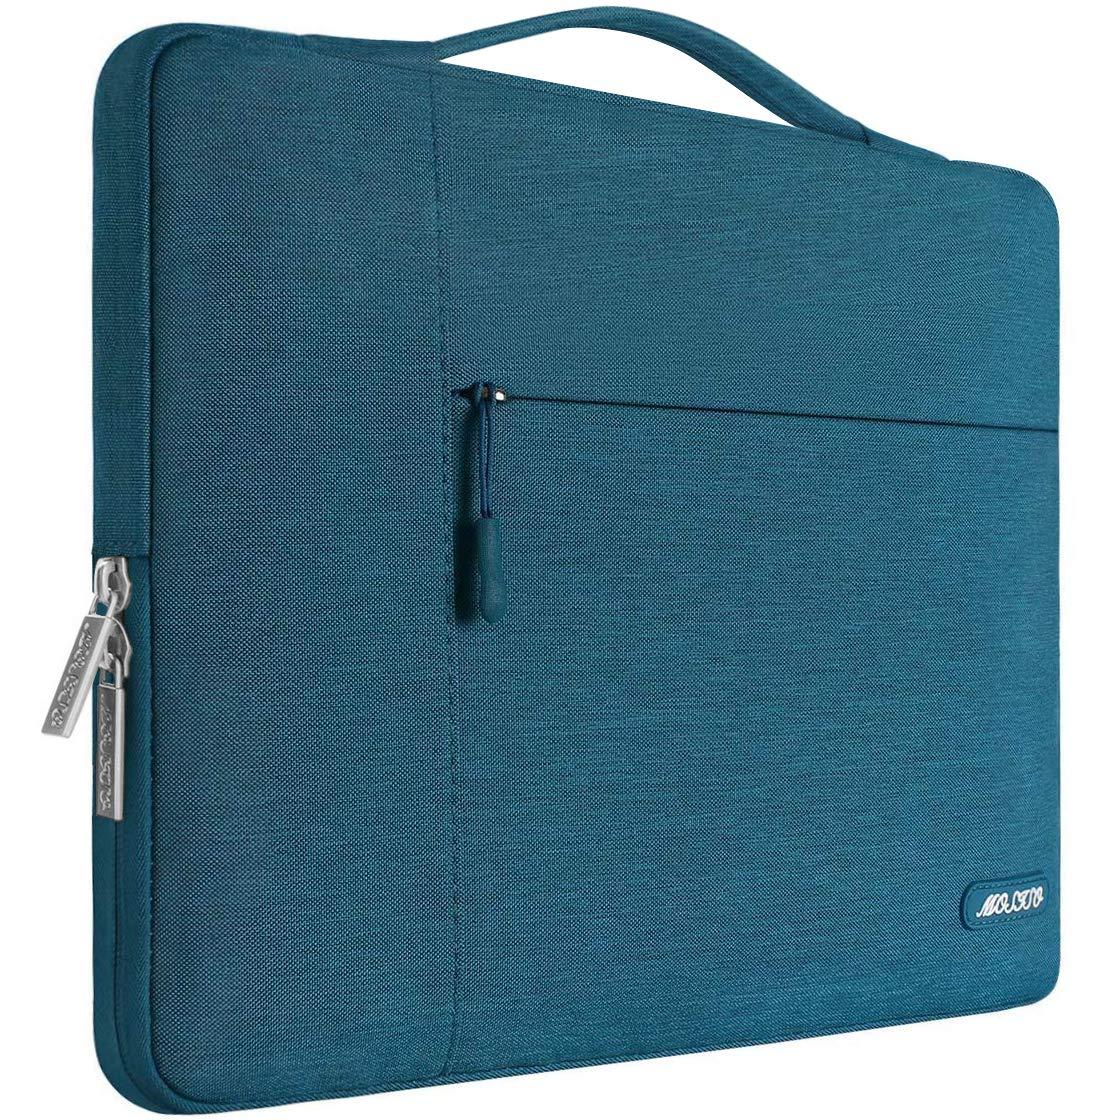 Funda Para Laptop de 13-13.3 Inch - Teal profundo - Mosiso